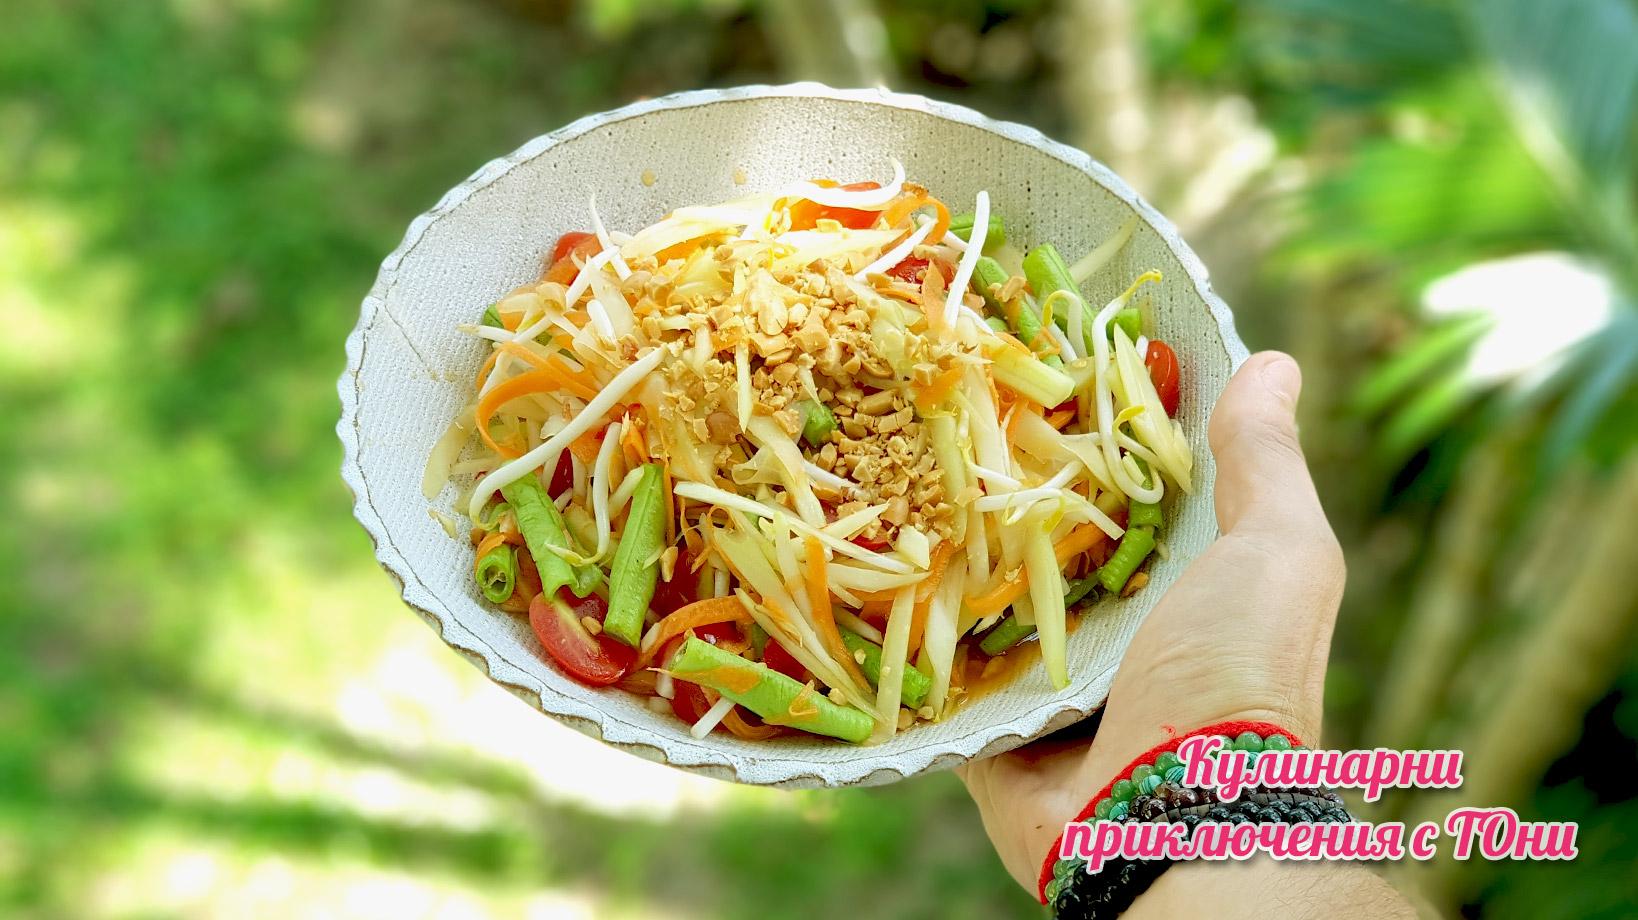 Люта салата със зелена папая - Som Tum